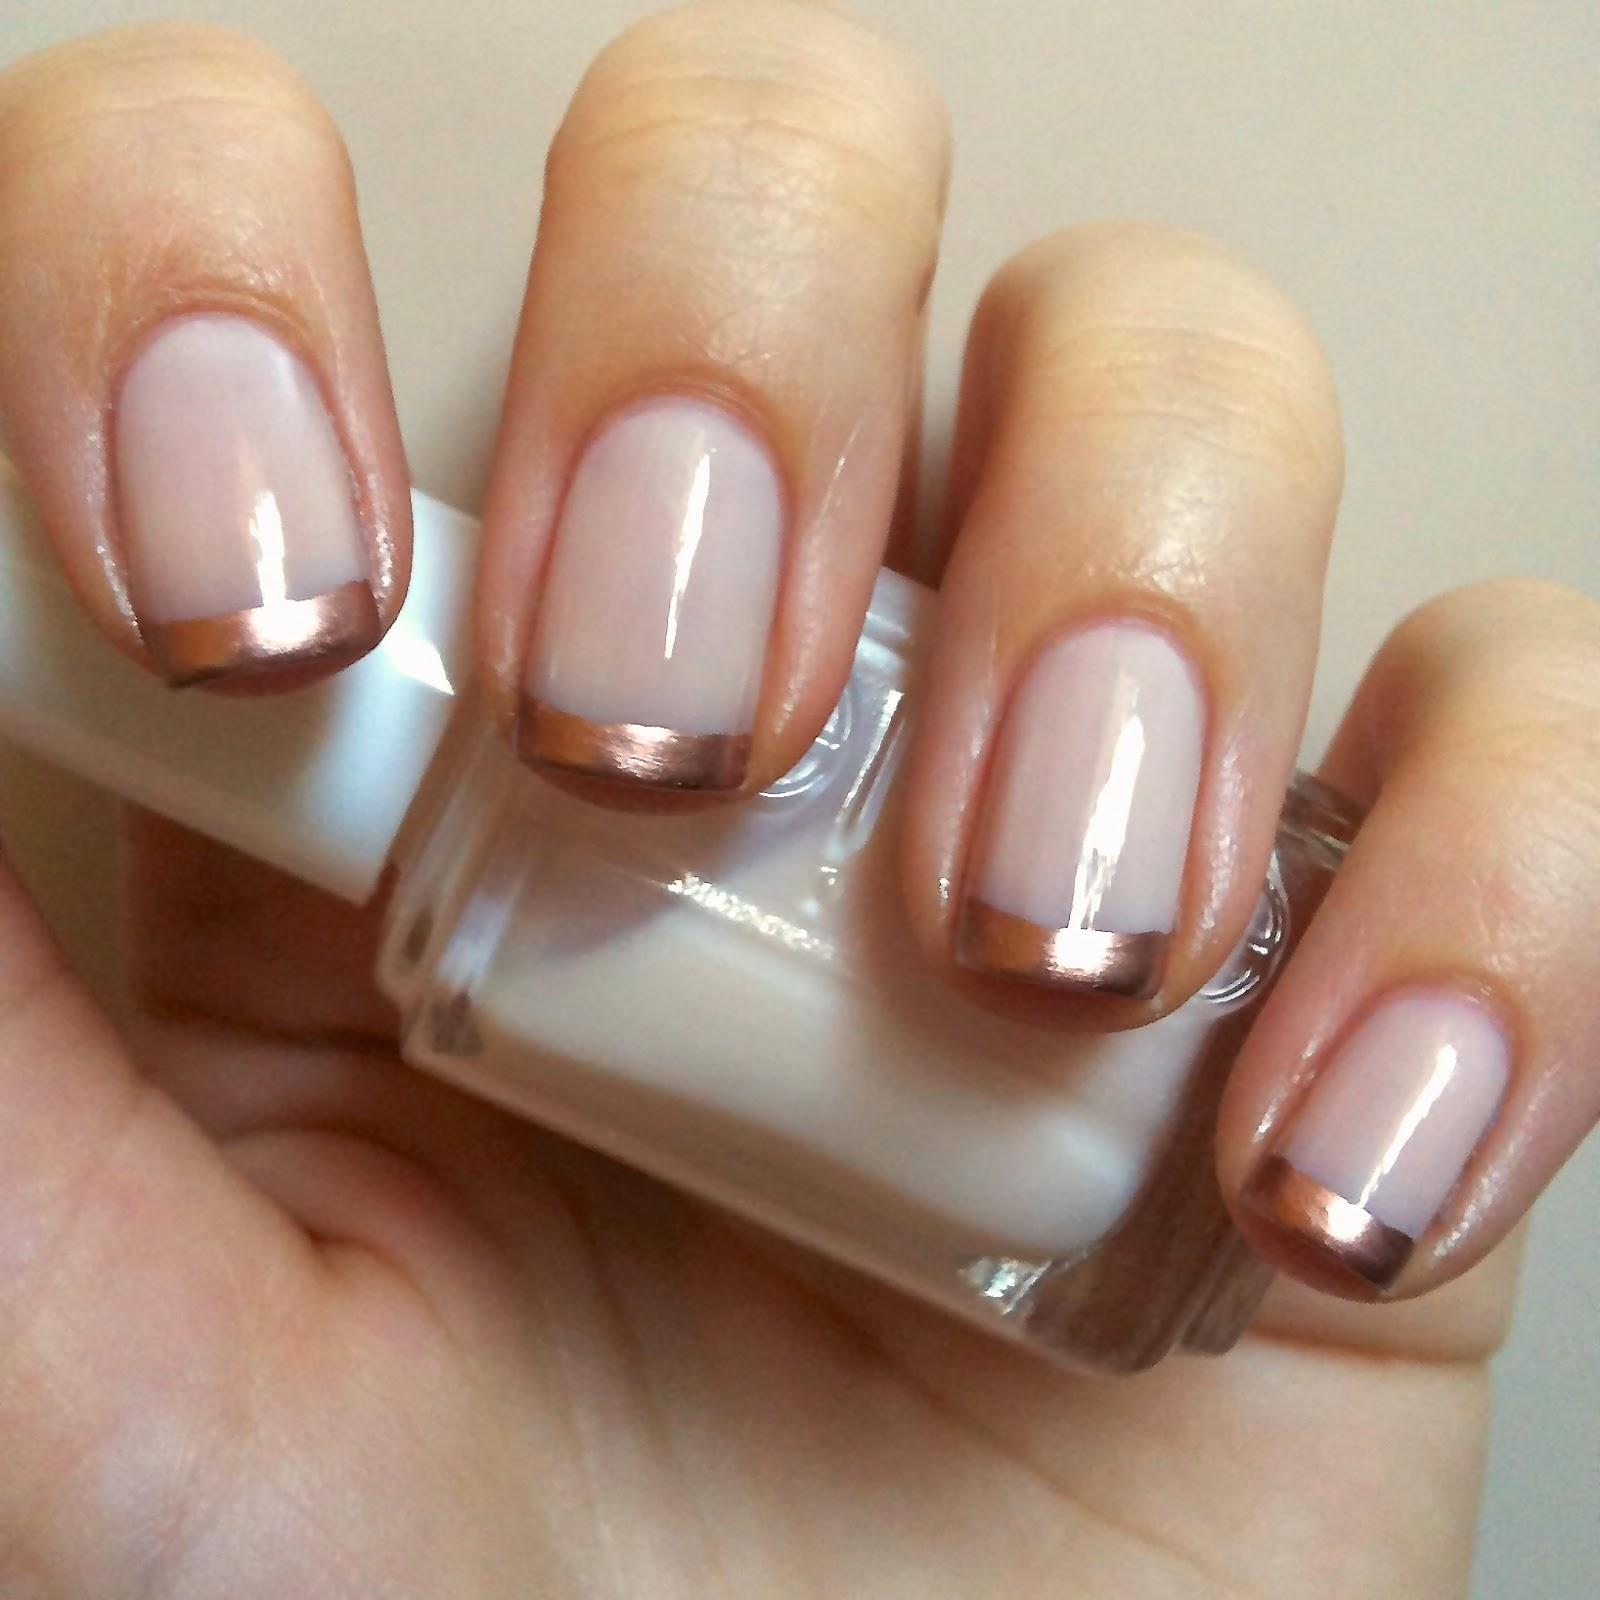 Nails Always Polished: April 2014